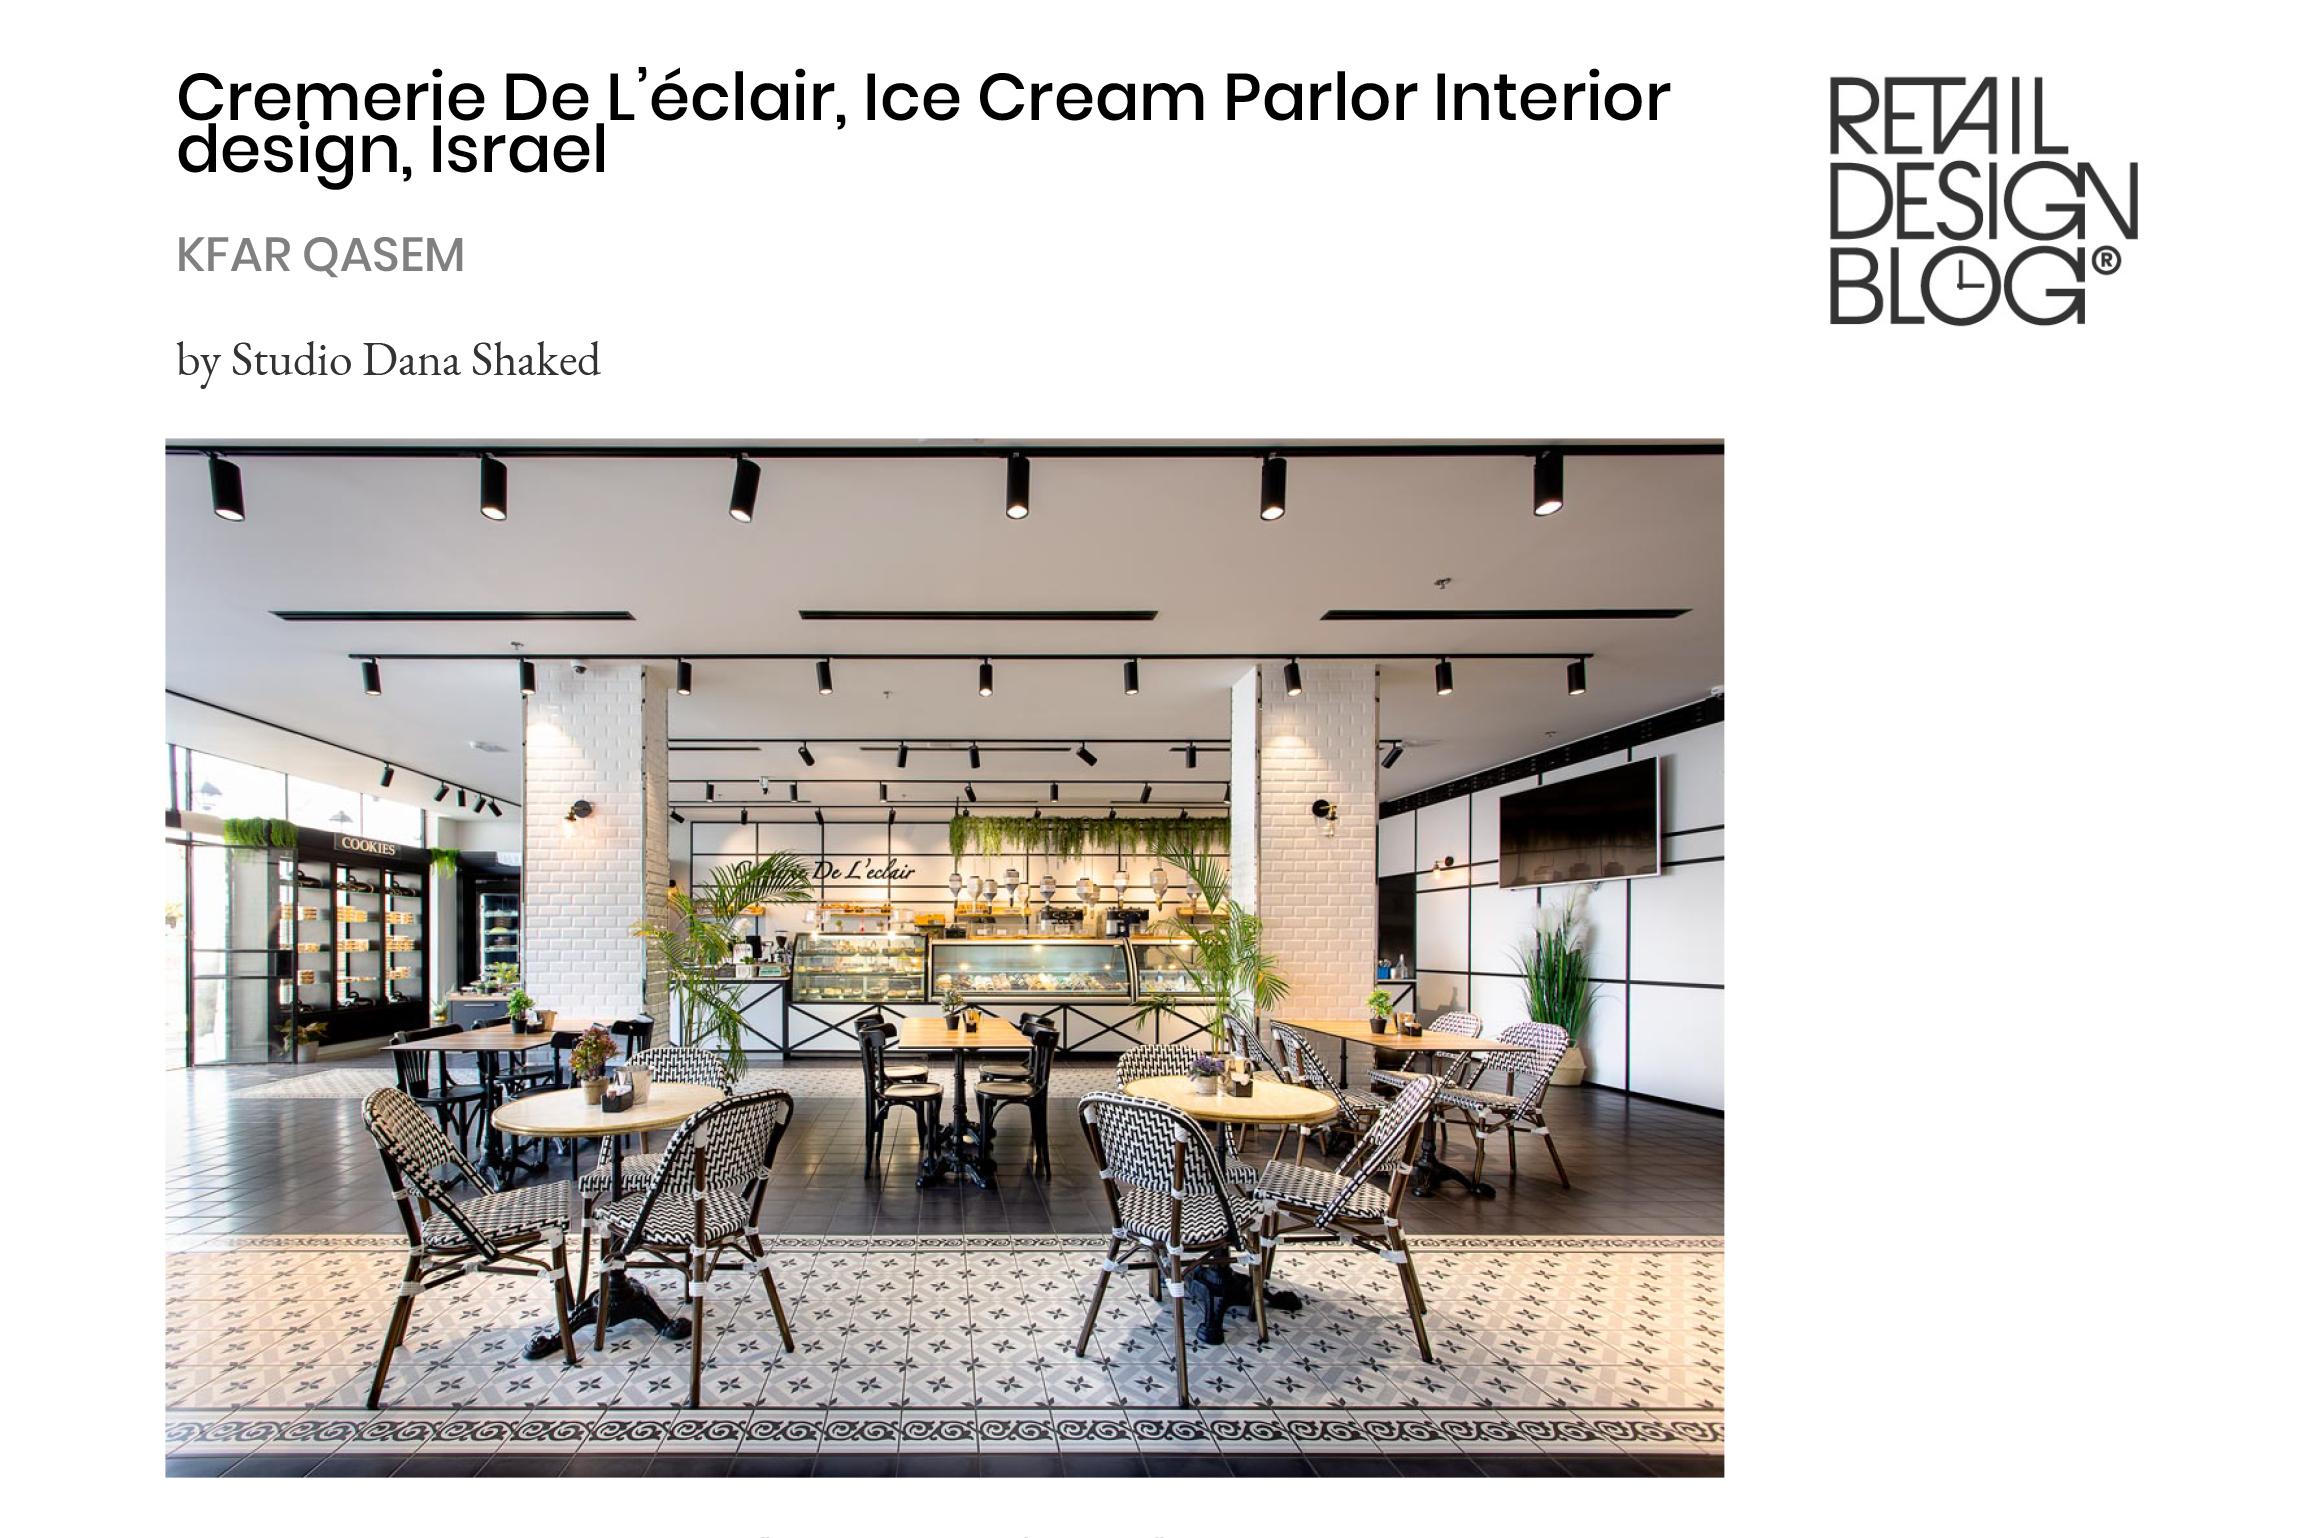 Cremerie De L'éclair – Retail Design Blog